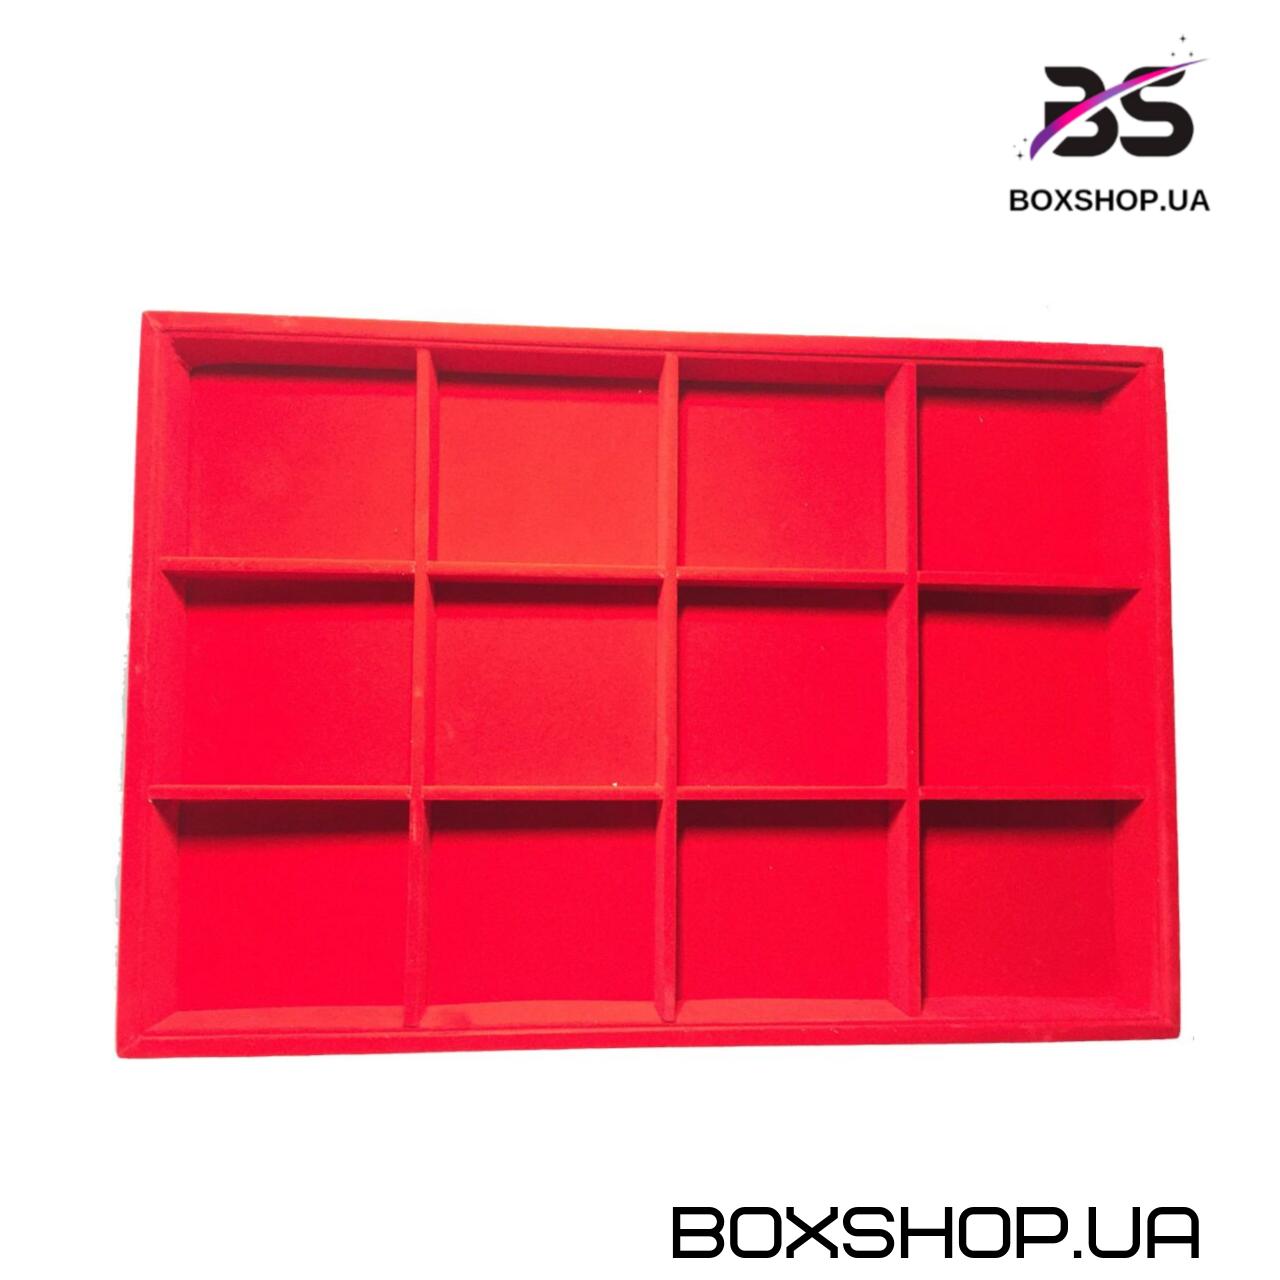 Ювелирный планшет BOXSHOP - 1022874899